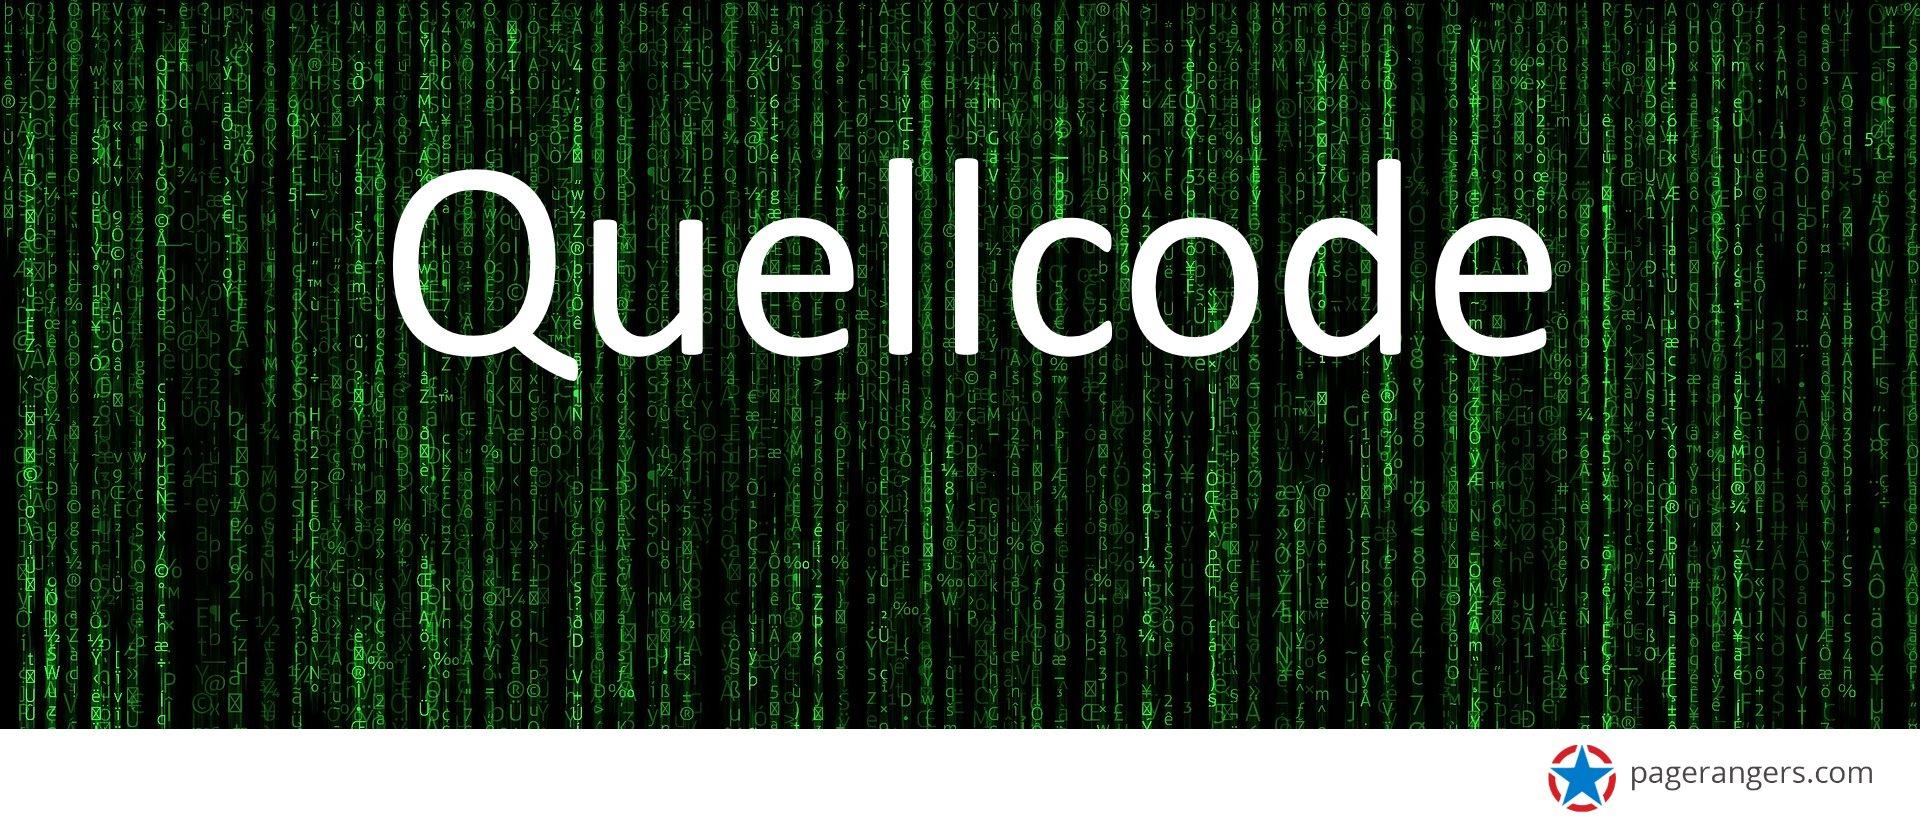 Quellcode - Definition - Erklärung des Quelltext und seiner Bedeutung für SEO